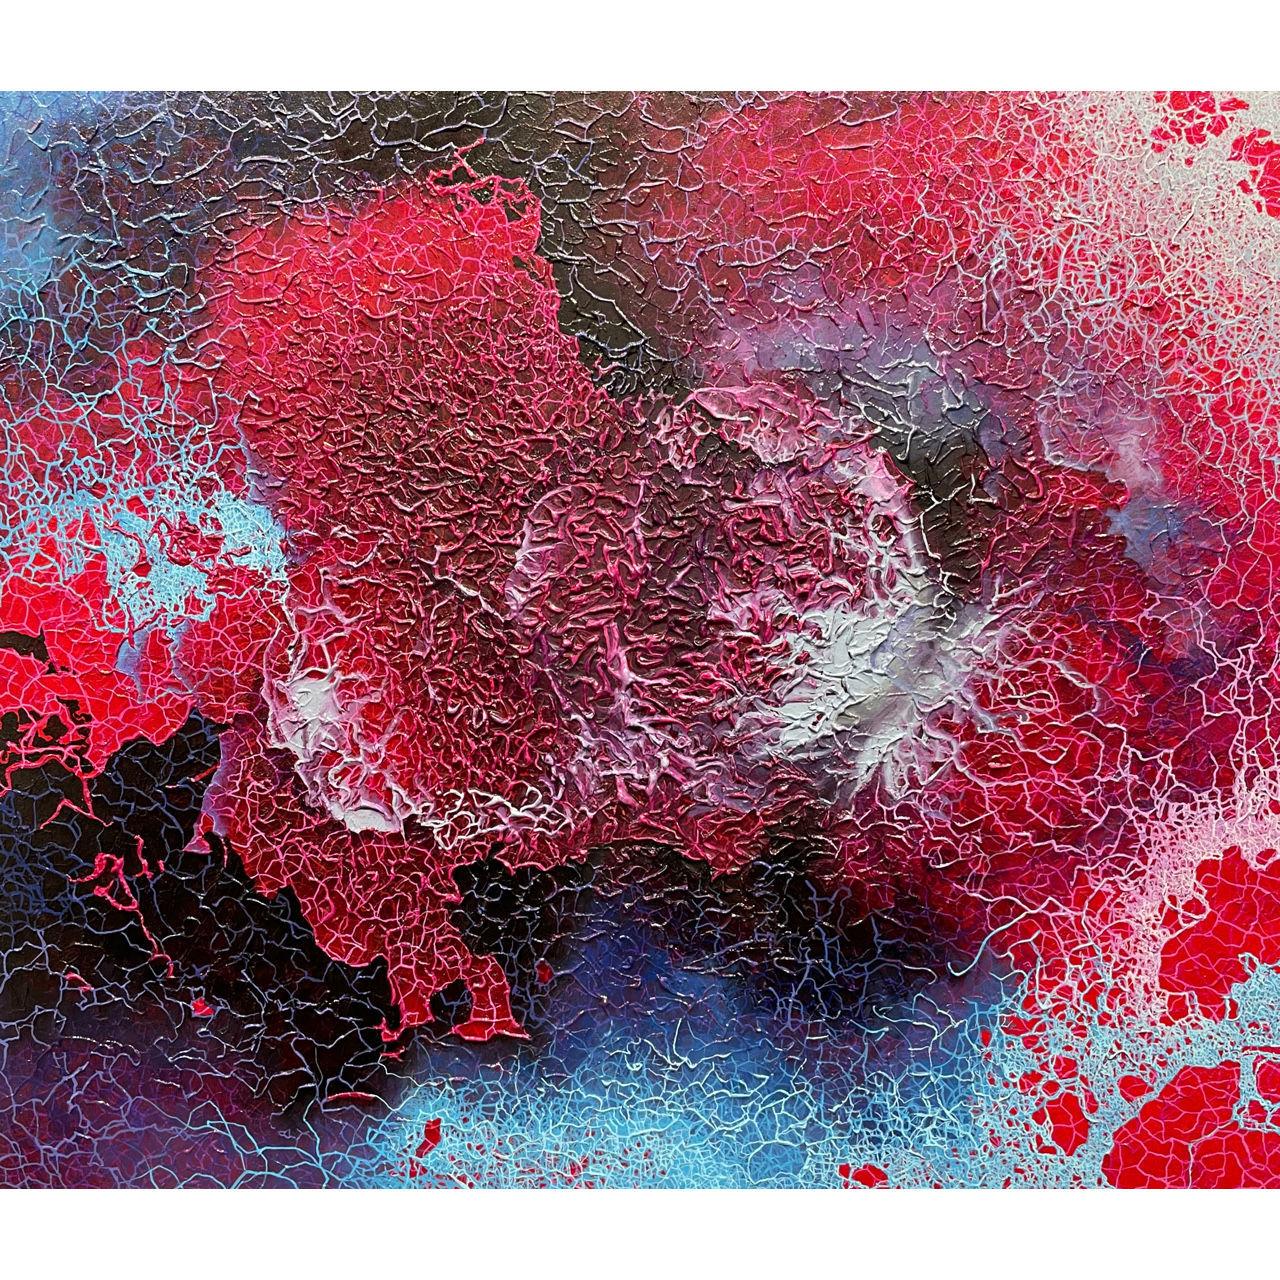 Immagine di Grmmelot rosso di chioggia